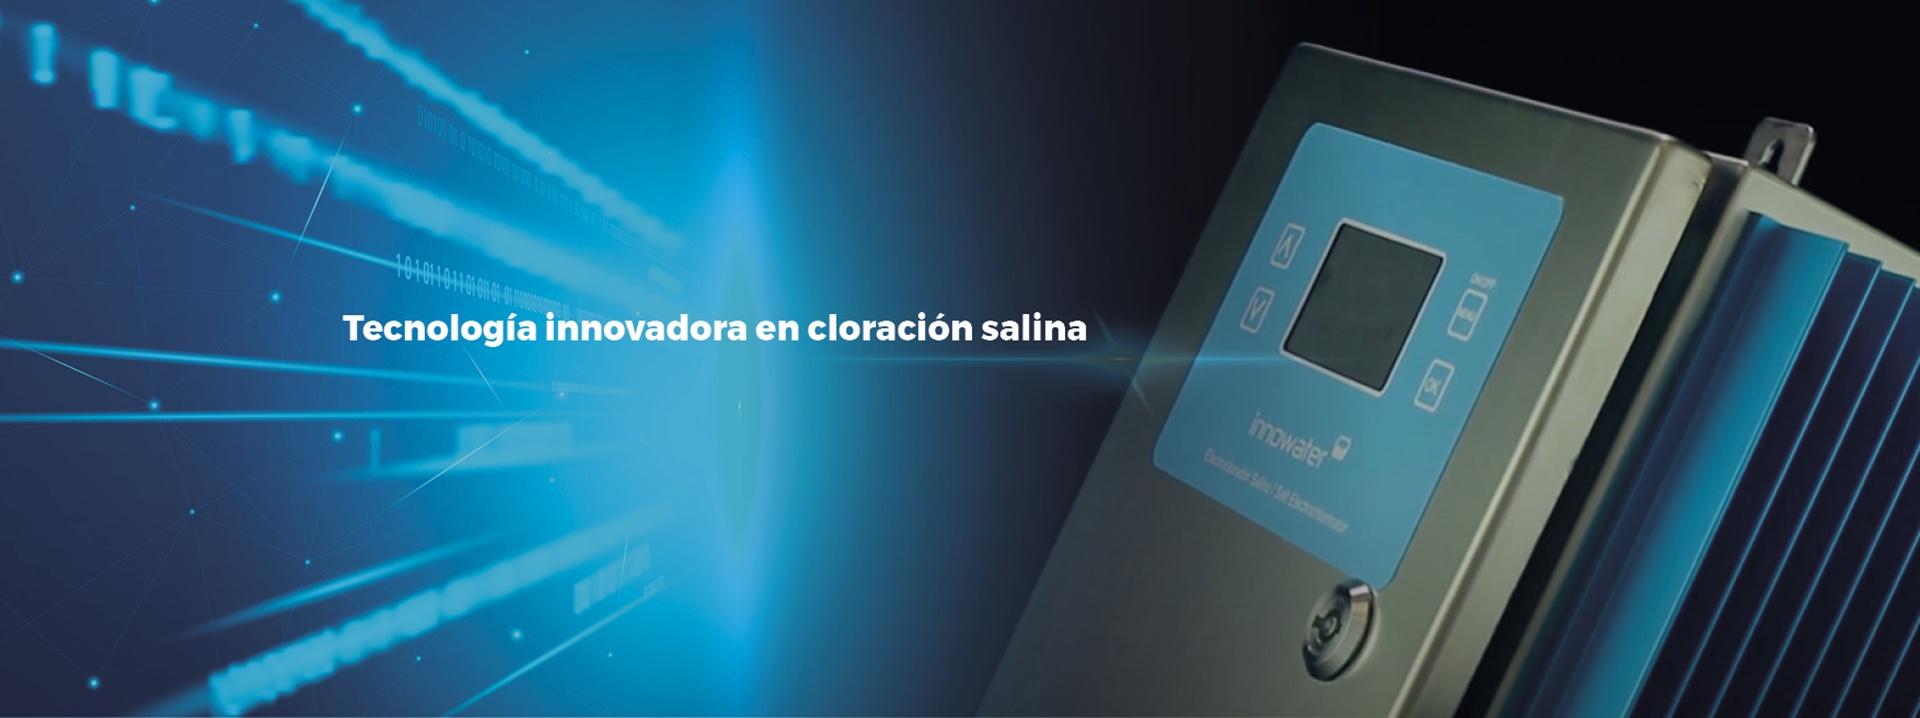 Innovacion y tecnología en cloracion salina